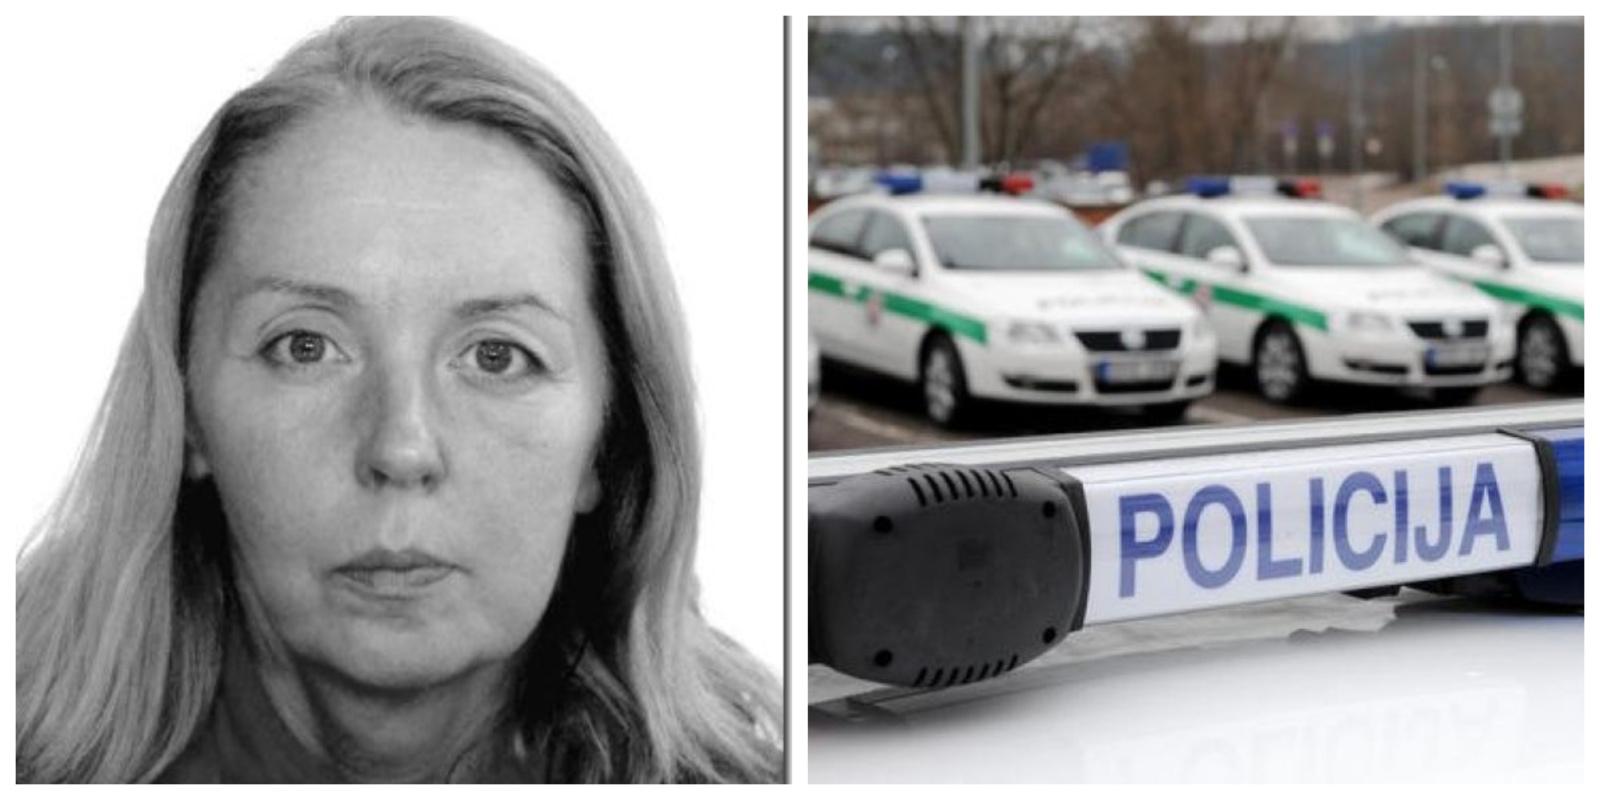 Pareigūnai ieško nusižengimo padarymu įtariamos moters